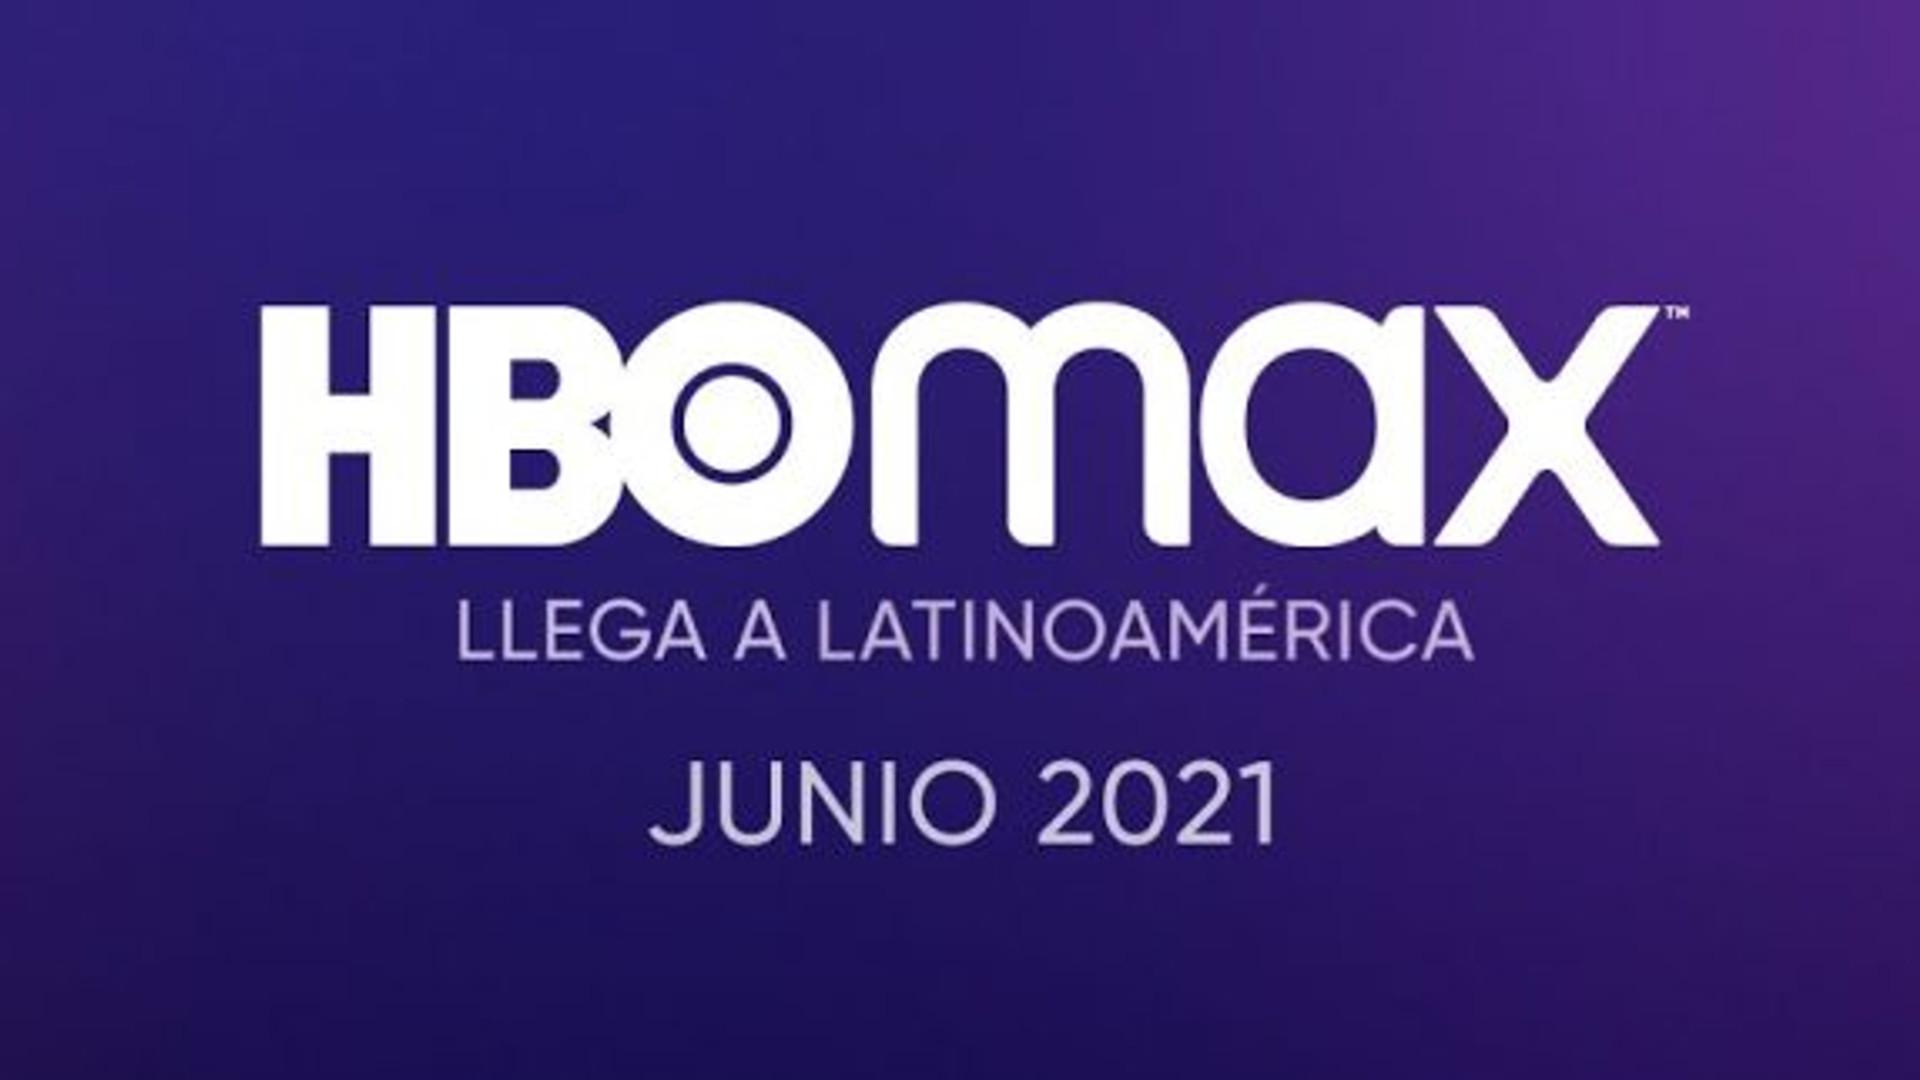 HBO Max llegará este año a Latinoamérica; Uruguay está en la lista